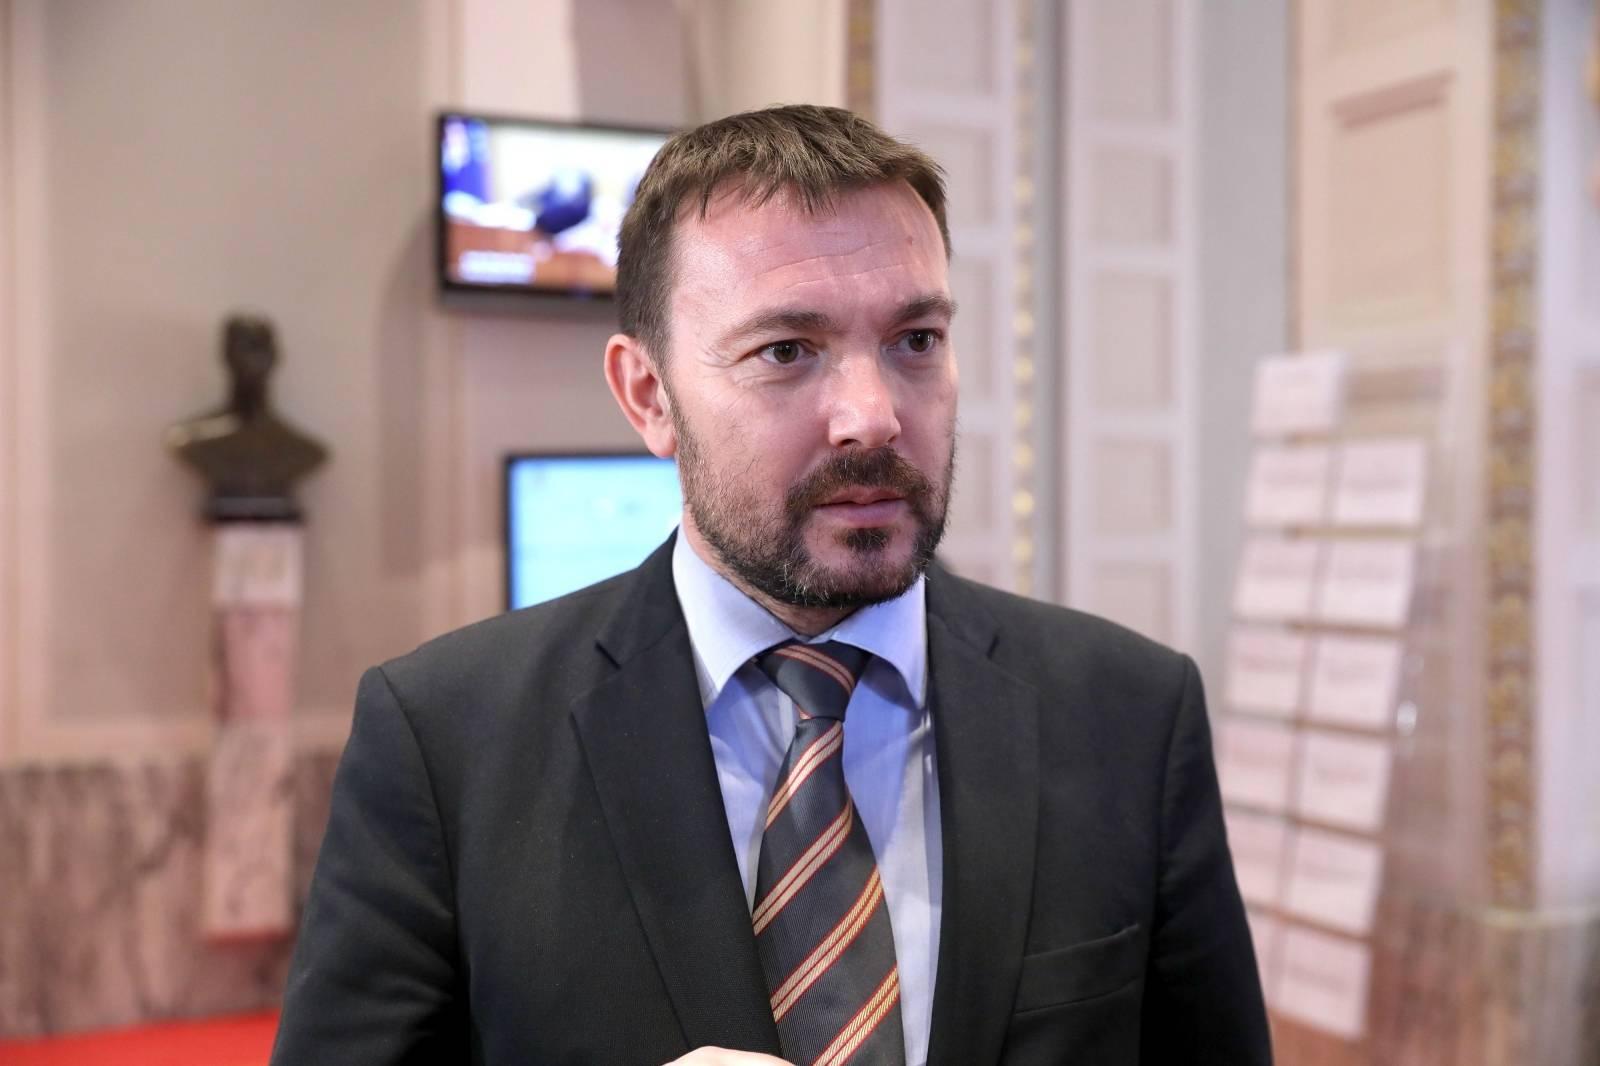 Zastupnik Arsen Bauk komentirao je u Saboru Premijerovu najavu o povečanju plaća